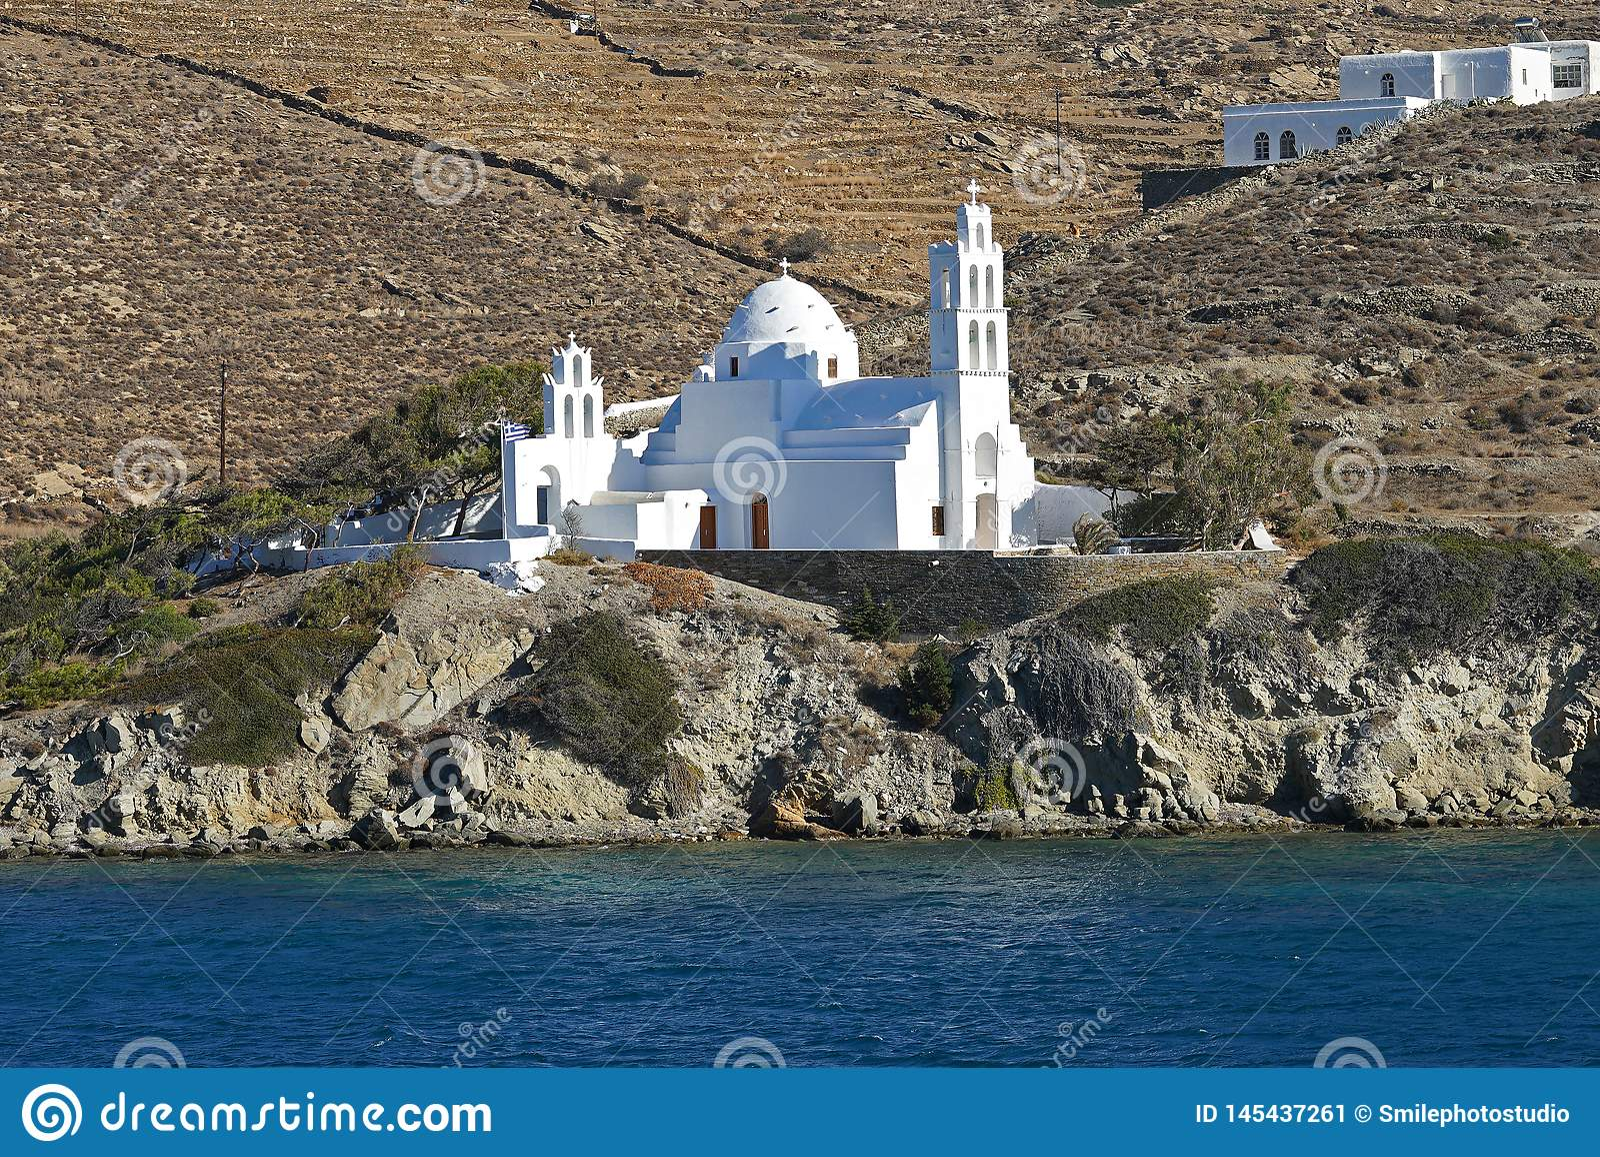 Hermosa vista de la iglesia de Agia Irini en la entrada al puerto de IOS, Grecia